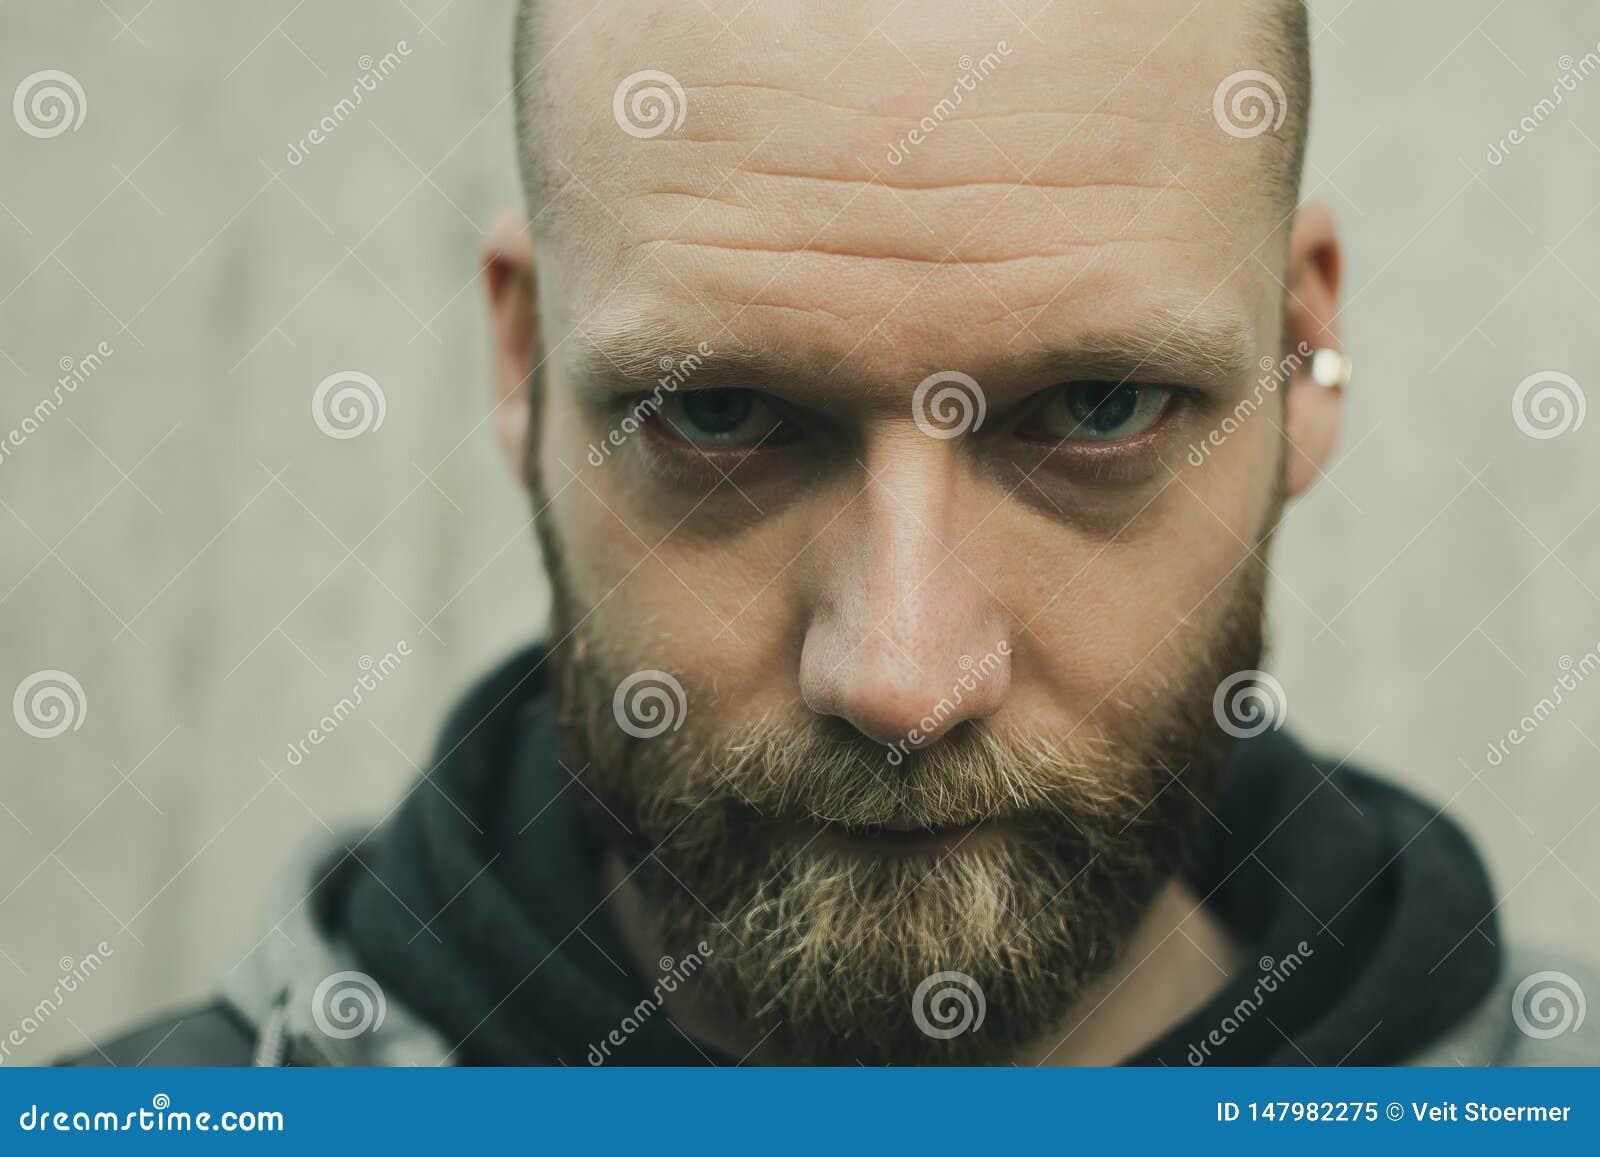 Regard sérieux d un homme barbu